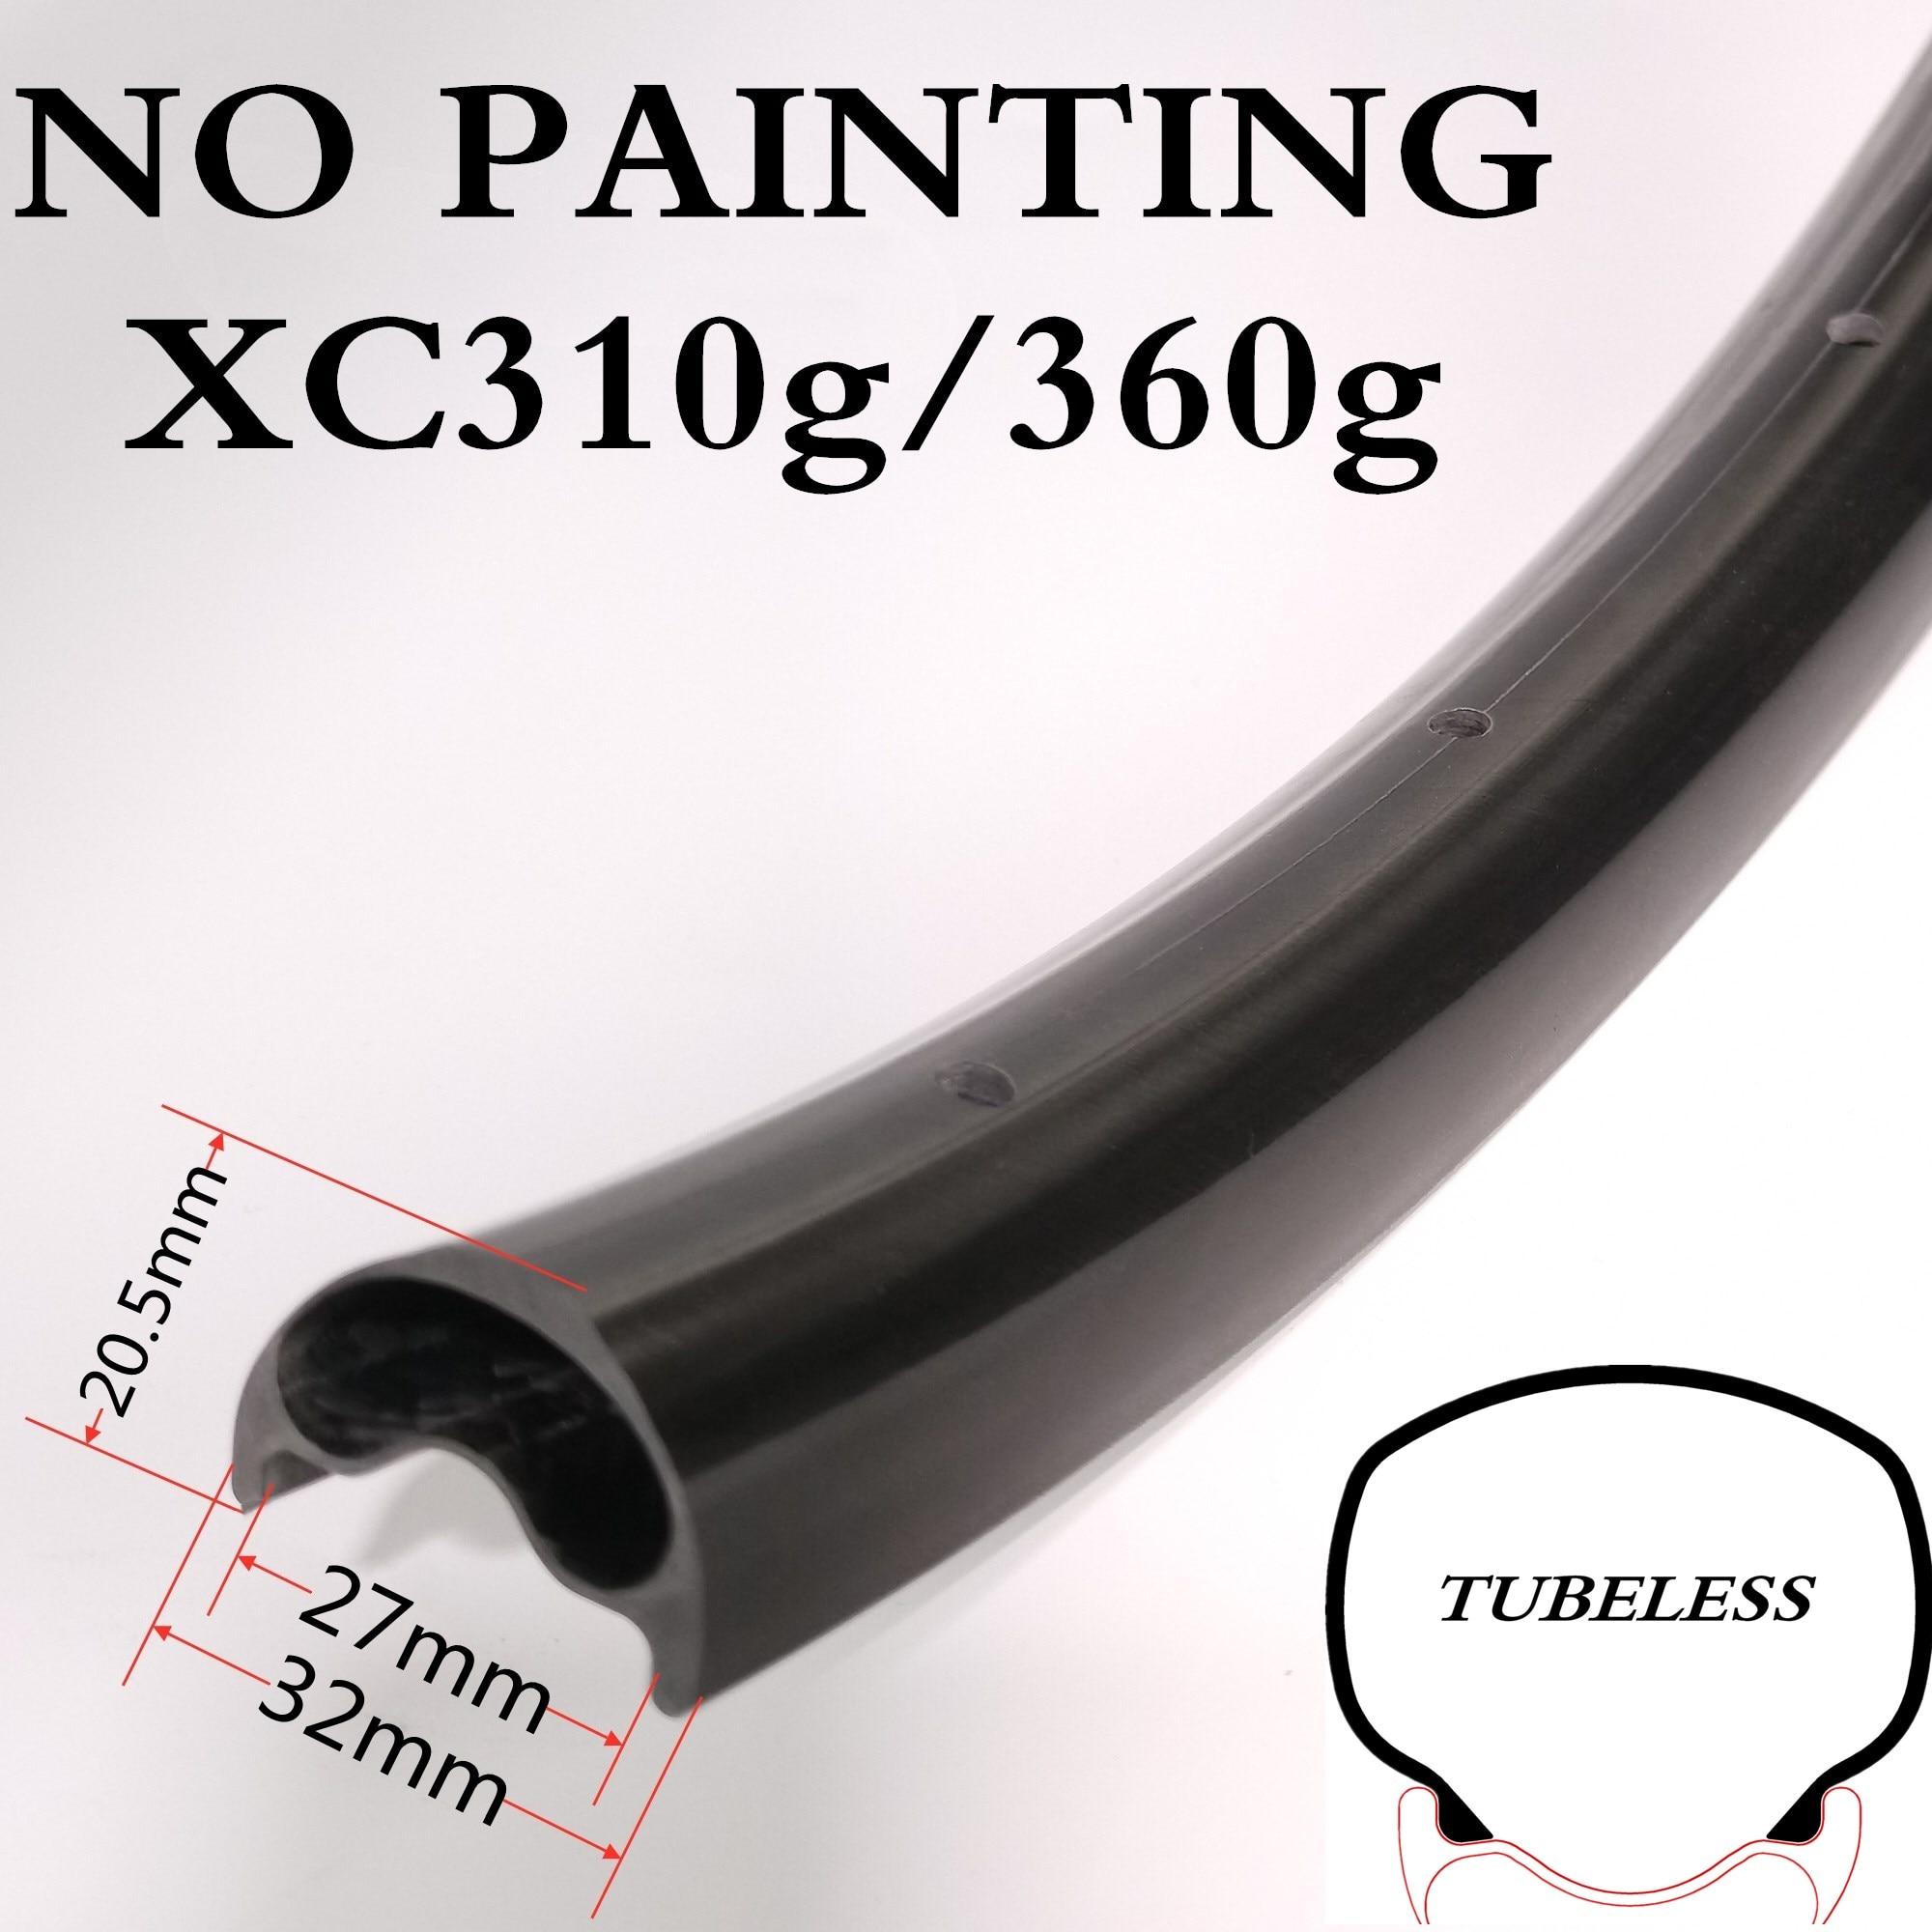 29er XC310g/360g, маленького размера, круглой формы с диаметром 32 мм Ширина 20,5 мм Глубина асимметрия Carbon MTB горный велосипед бескамерные обода развр...